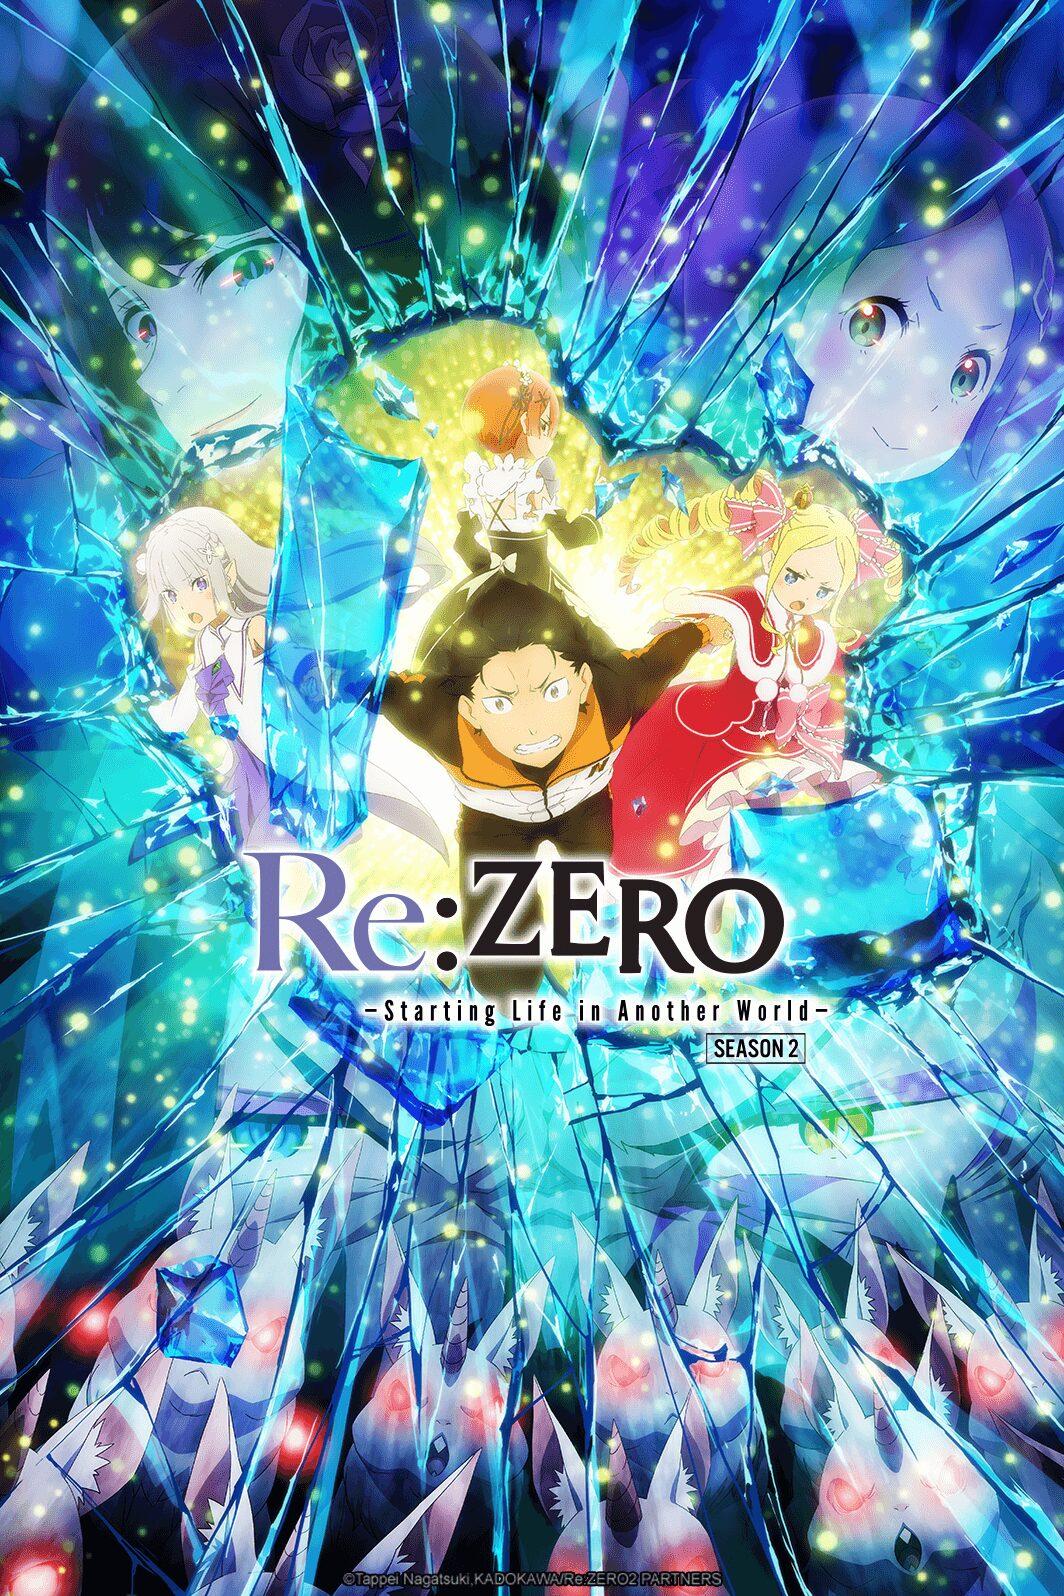 Re:Zero kara Hajimeru Isekai Seikatsu 2nd Season Part 2